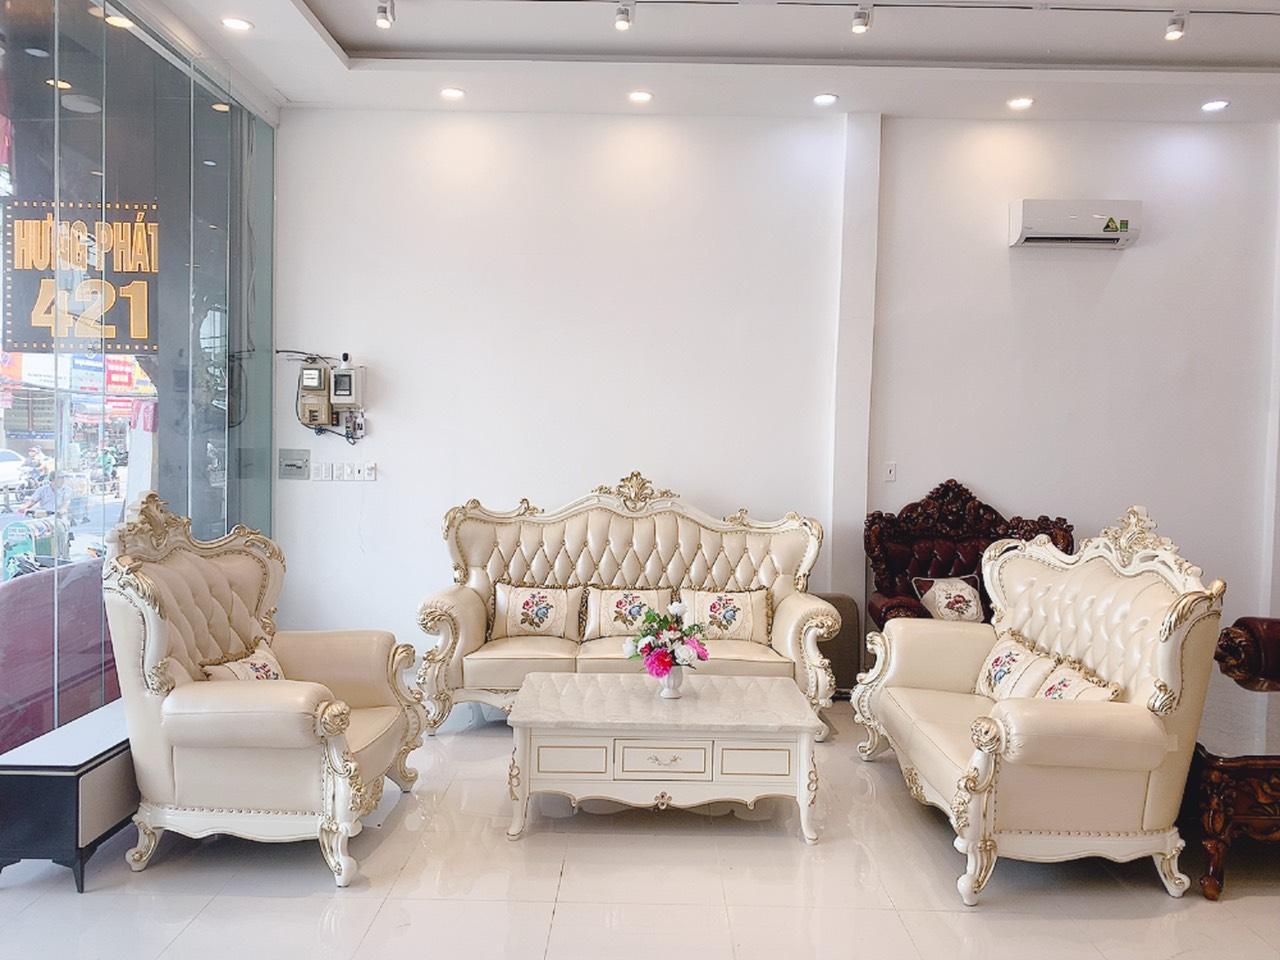 mua ghế sofa quận 7 sang trọng uy tín chất lượng